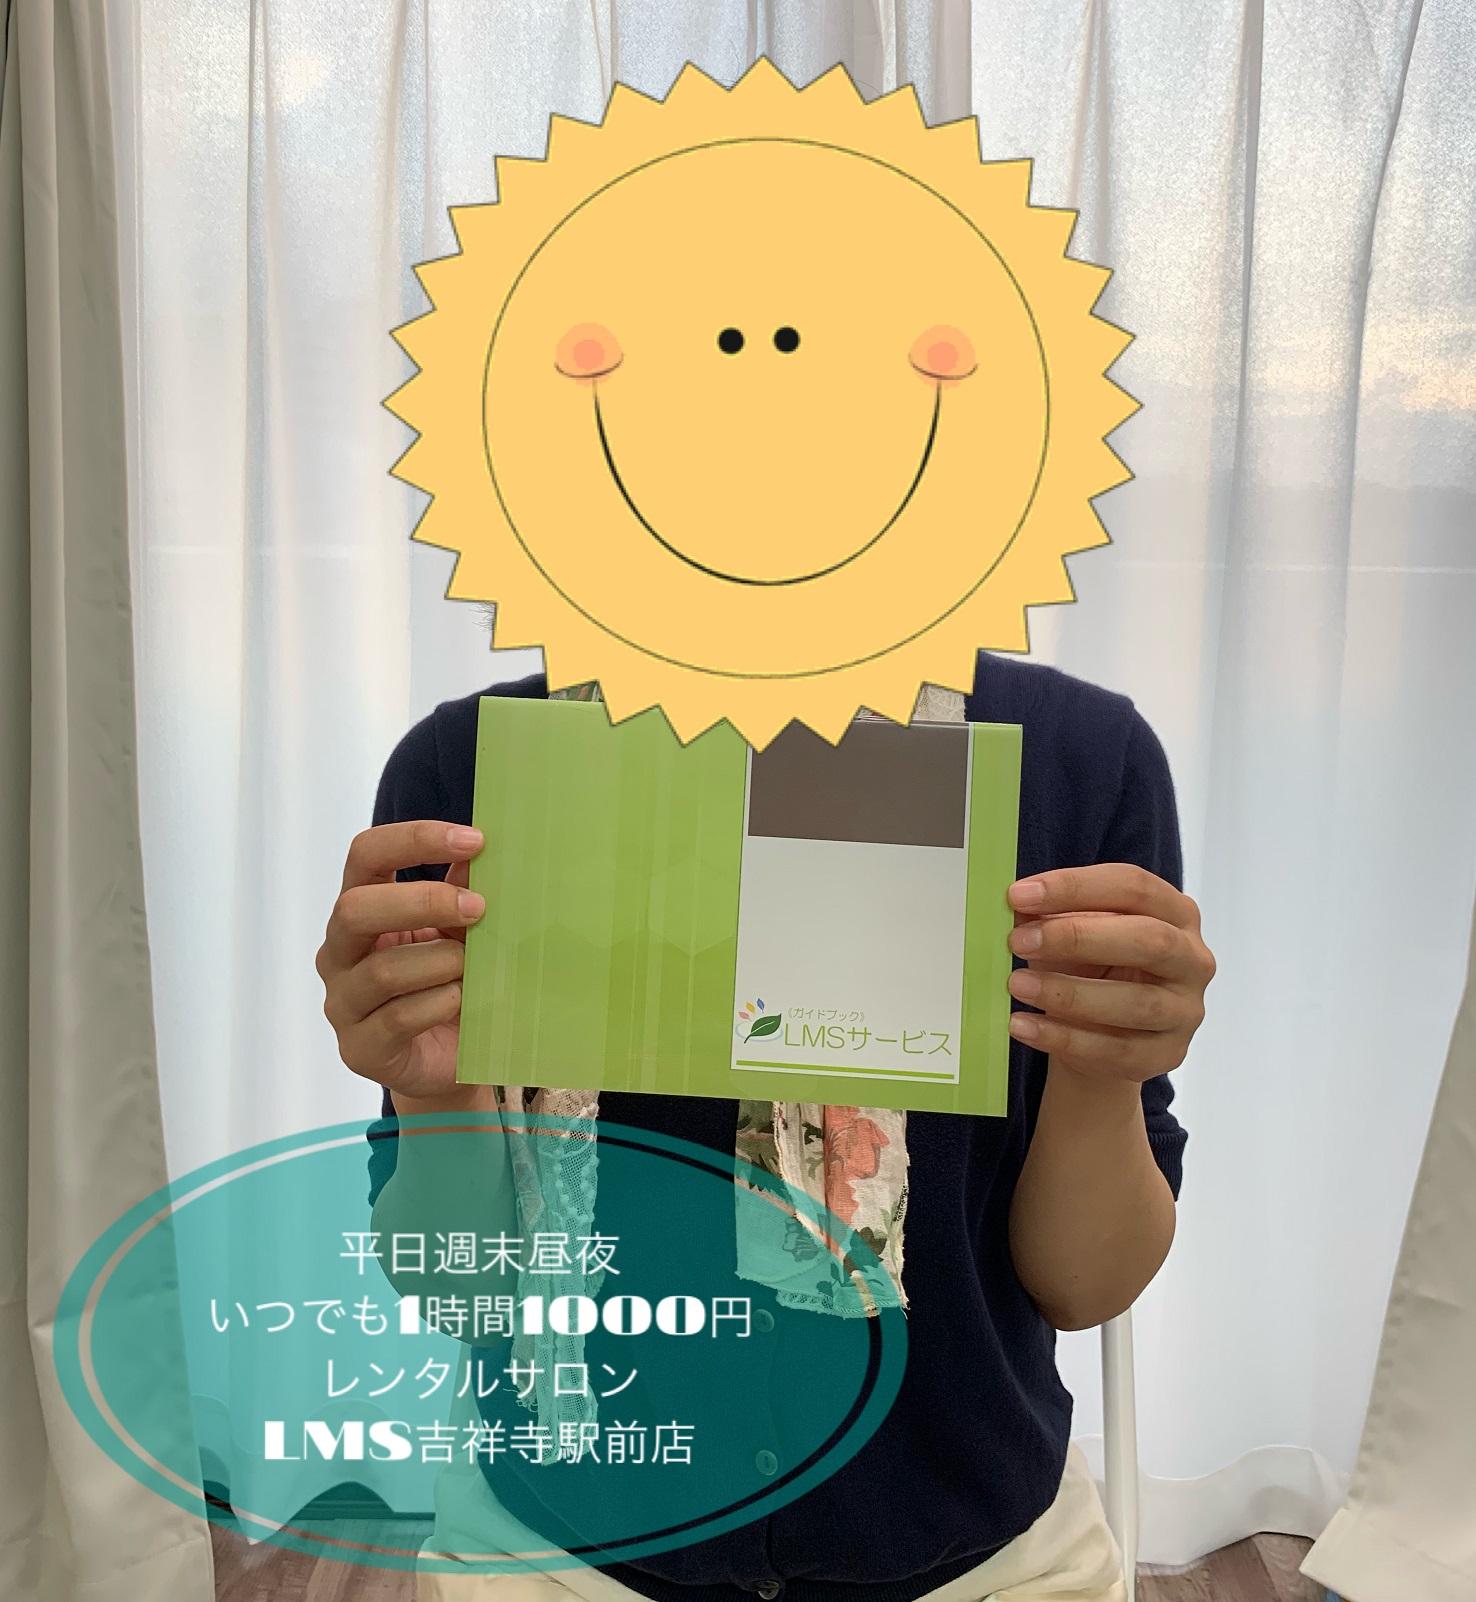 LMS吉祥寺駅前店